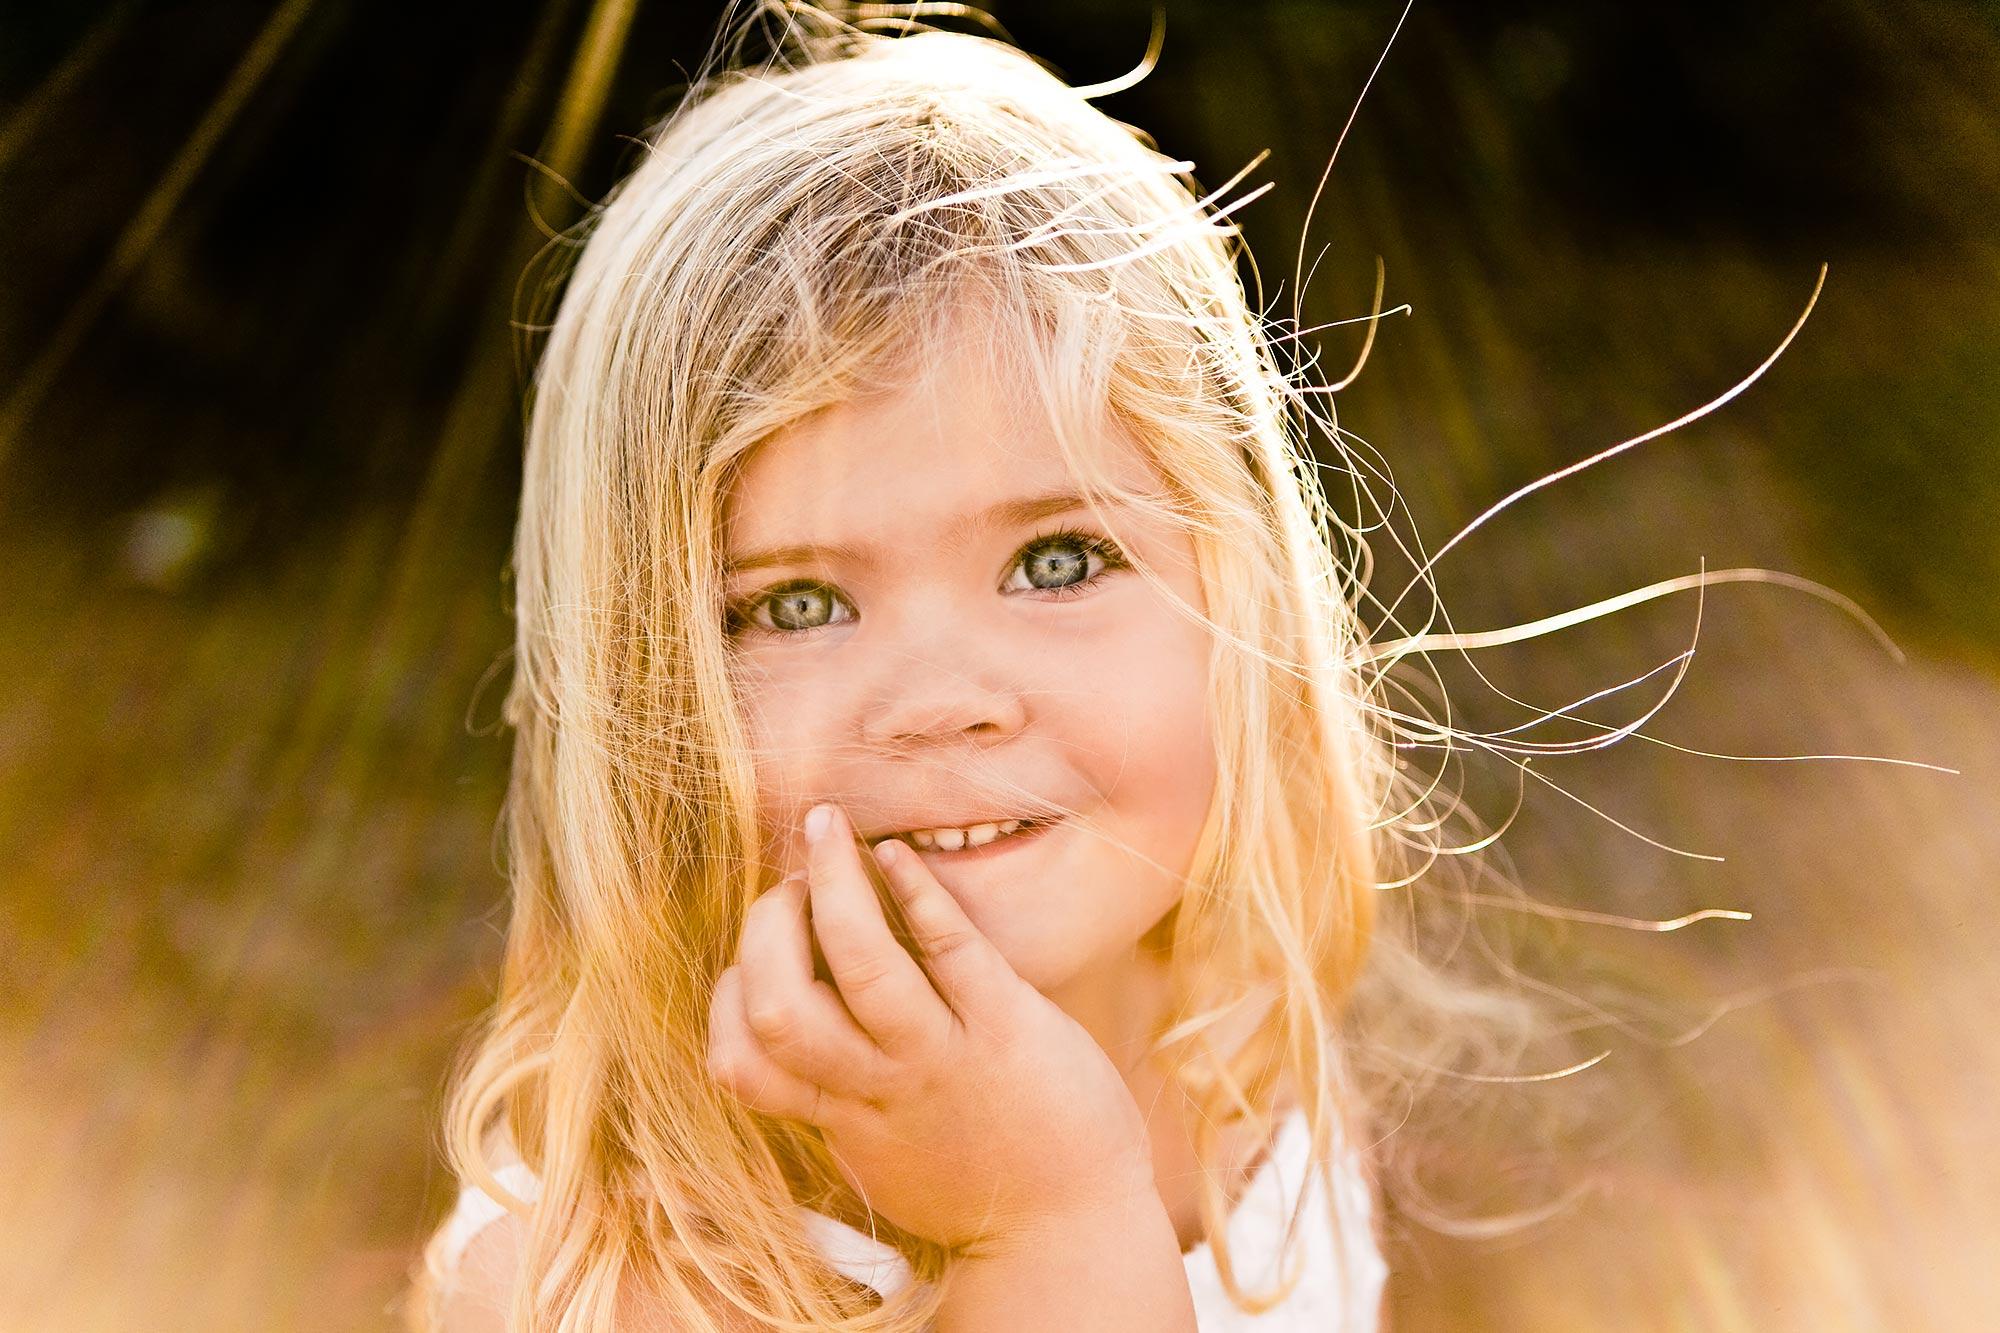 Newburyport Family PortraitPhotographer | Stephen Grant Photography